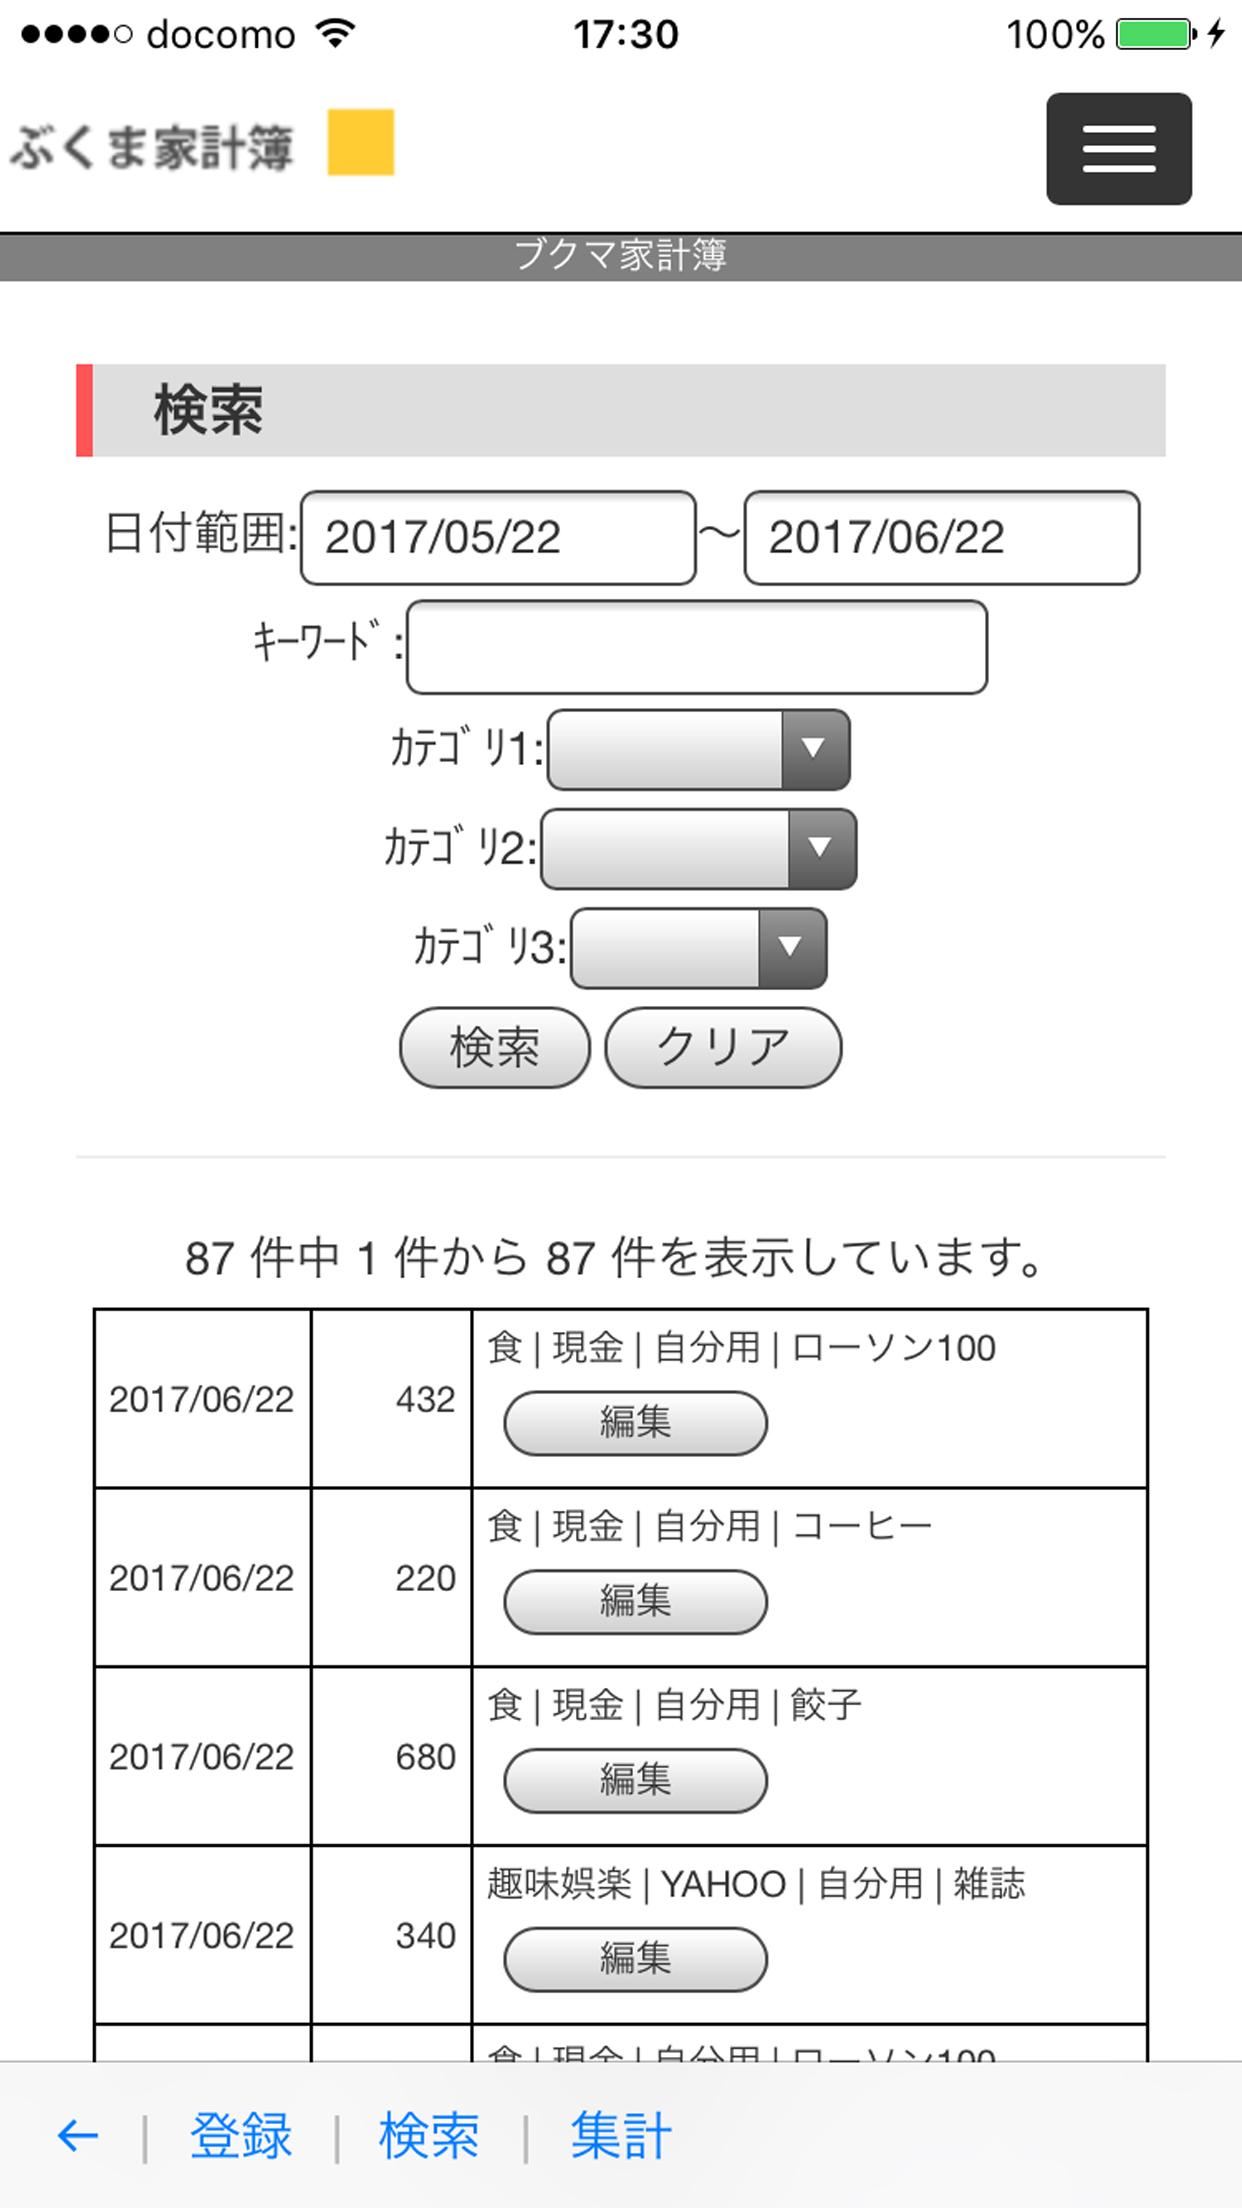 ぶくま家計簿 検索画面